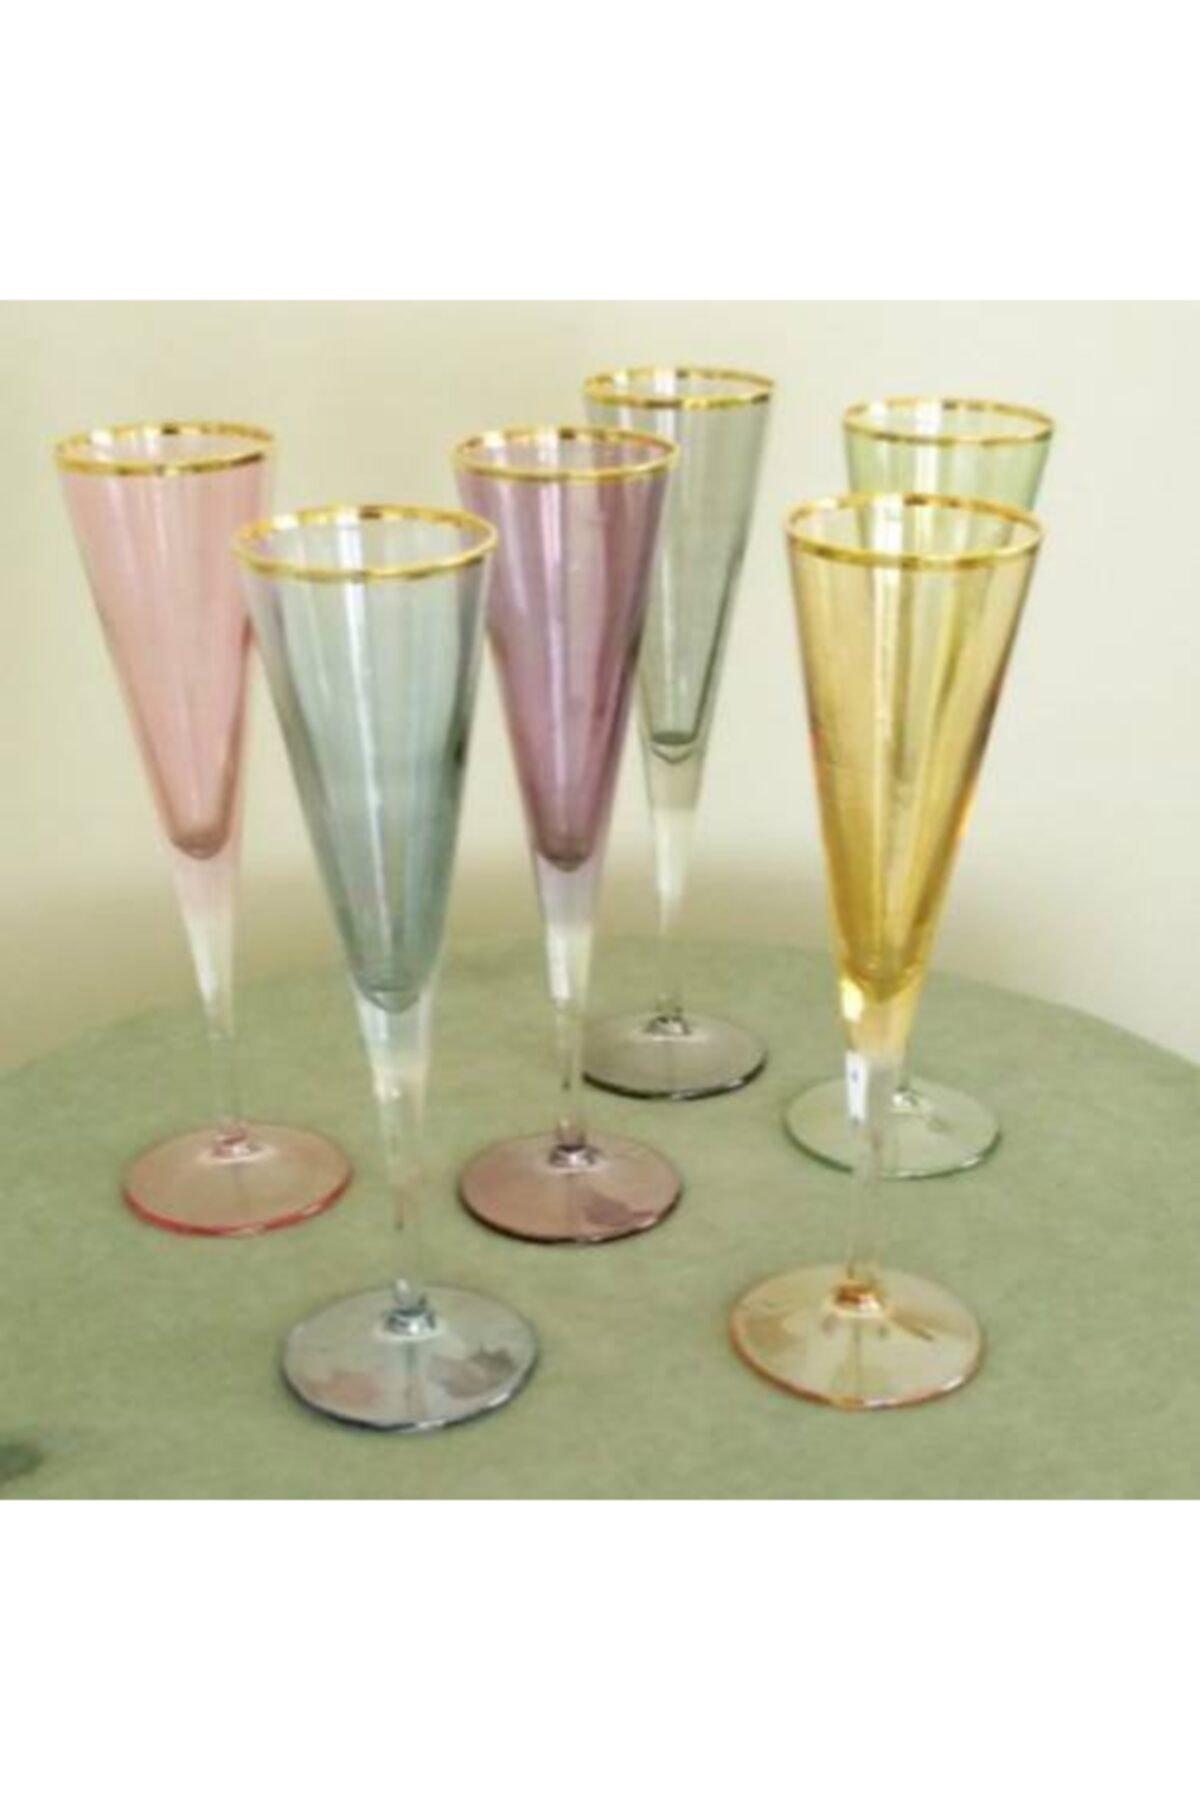 BBA HOME 6 Lı Paşabahçe Vline 150 Ml Ayaklı Bardak Renkli Gold Flüt Kahve Yanı Kadeh Bardak Şampanya Kadehi 1